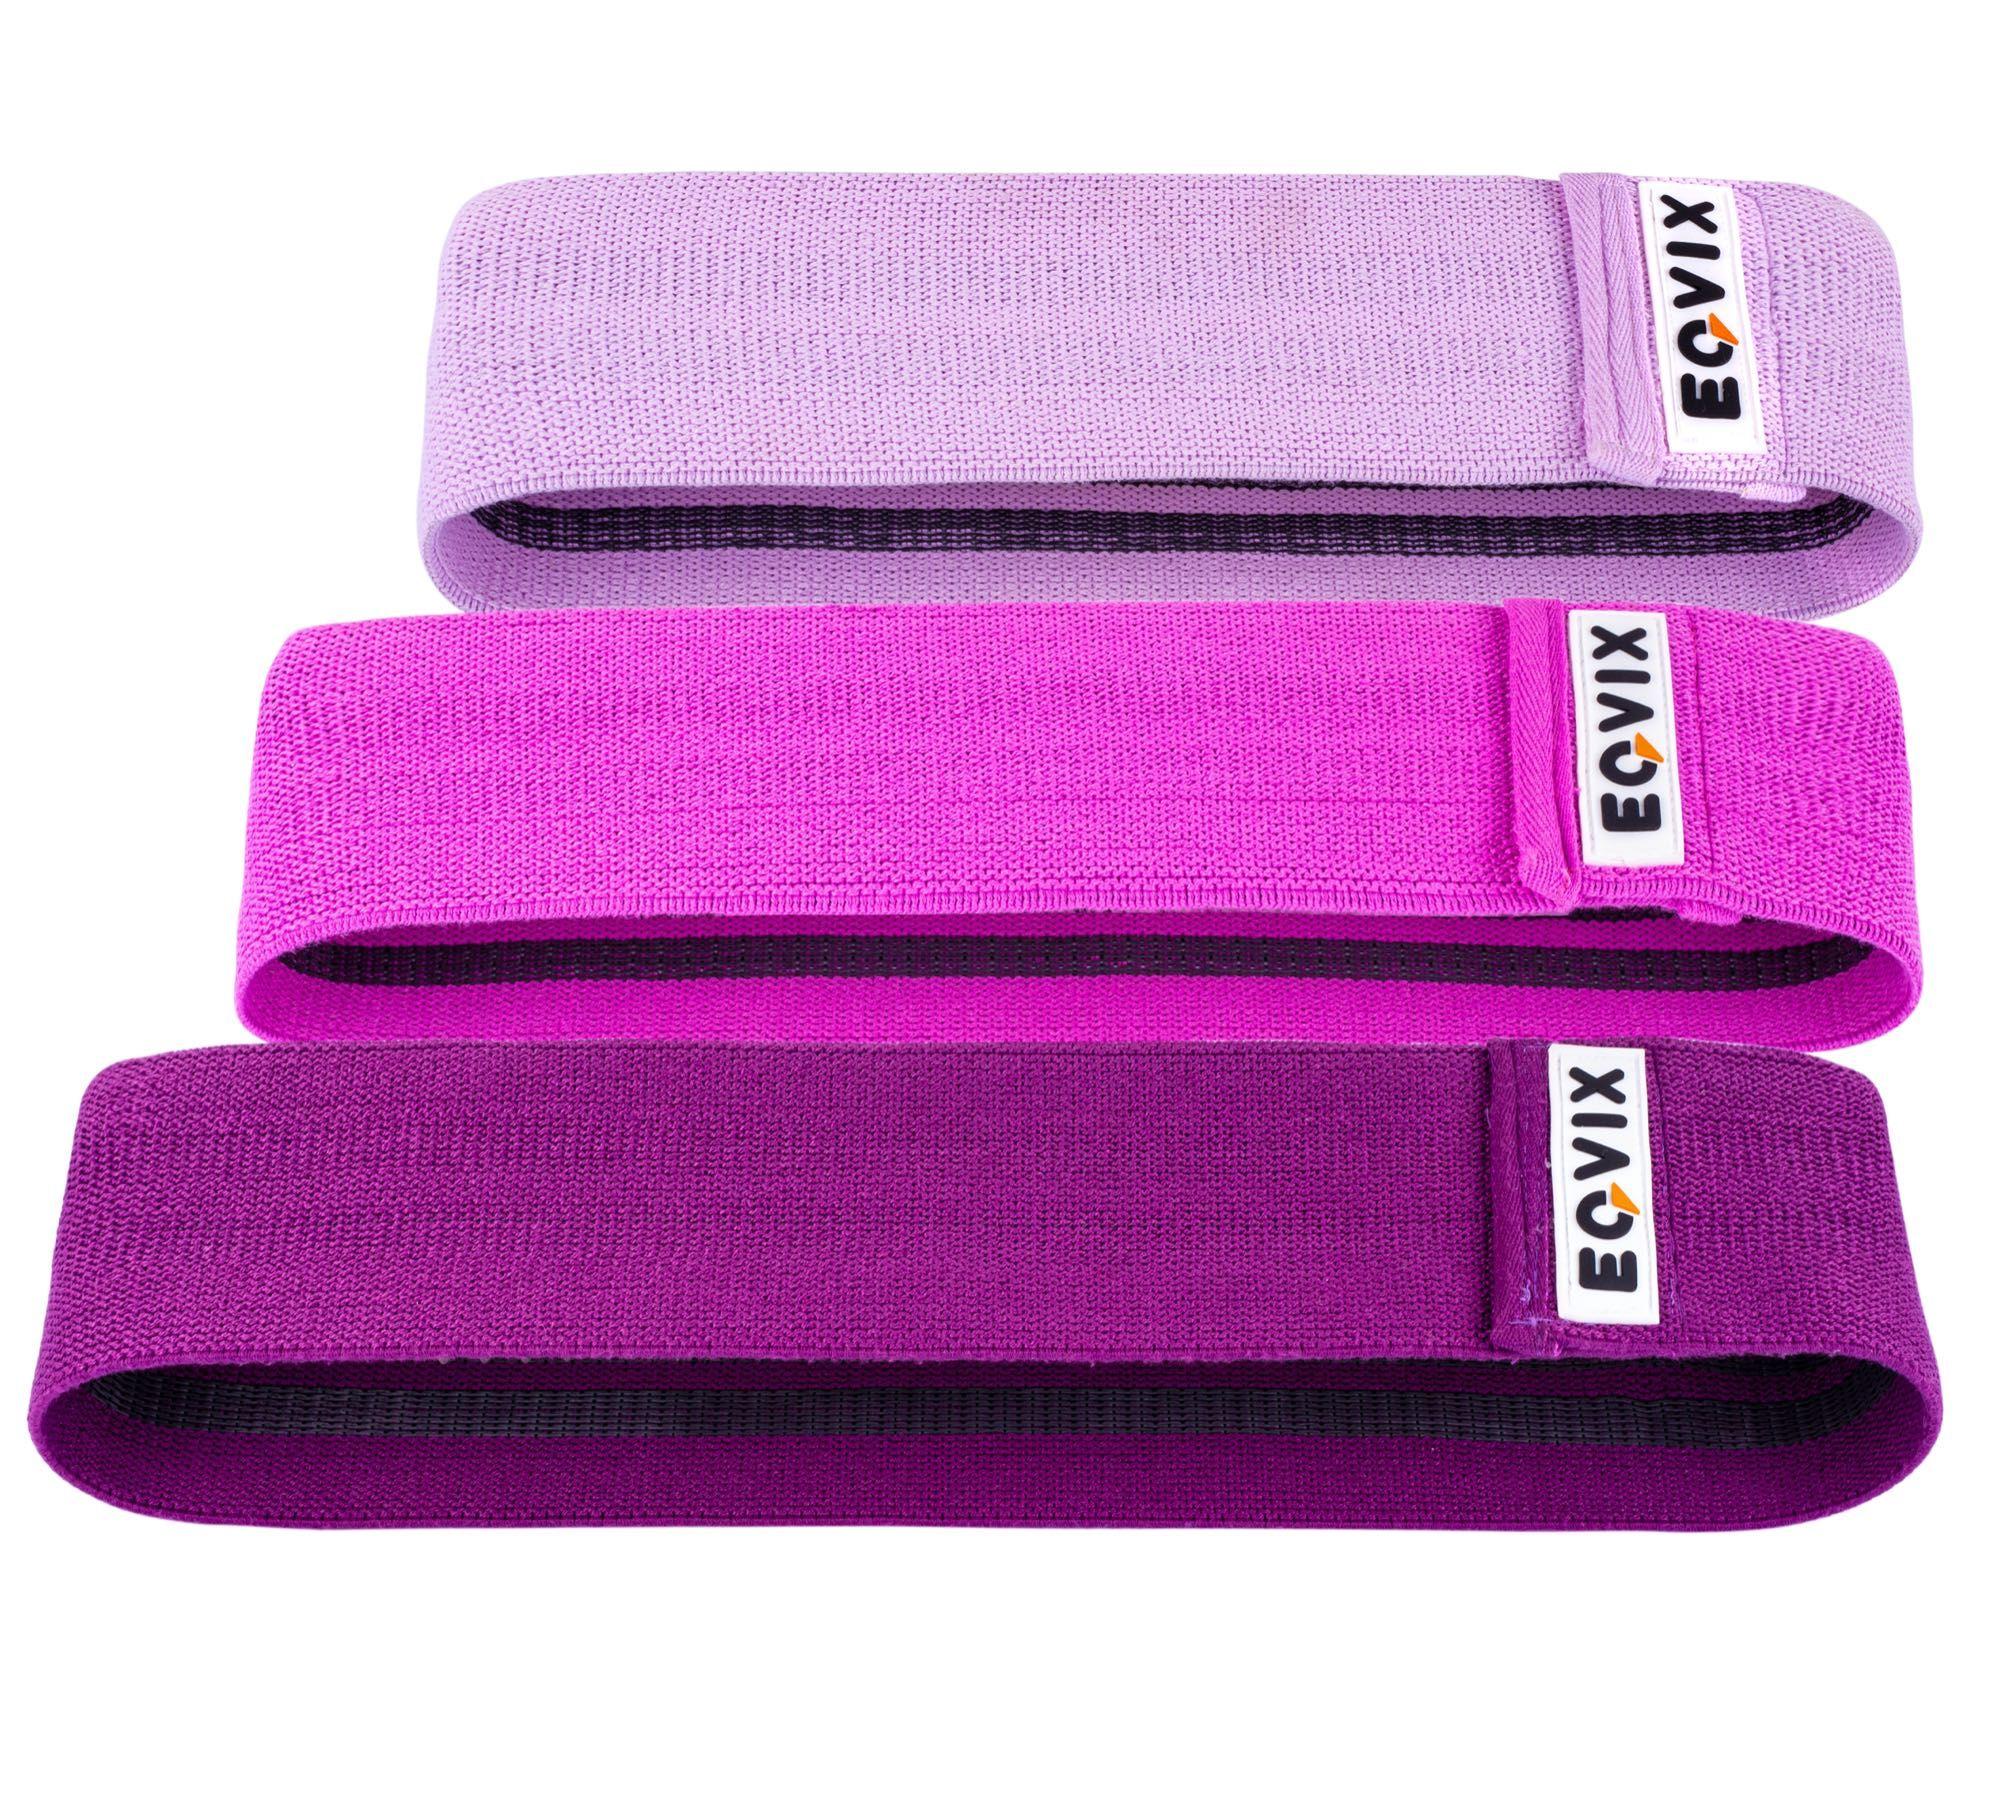 Тканевые фитнес-резинки EQVIX. Бесплатная доставка